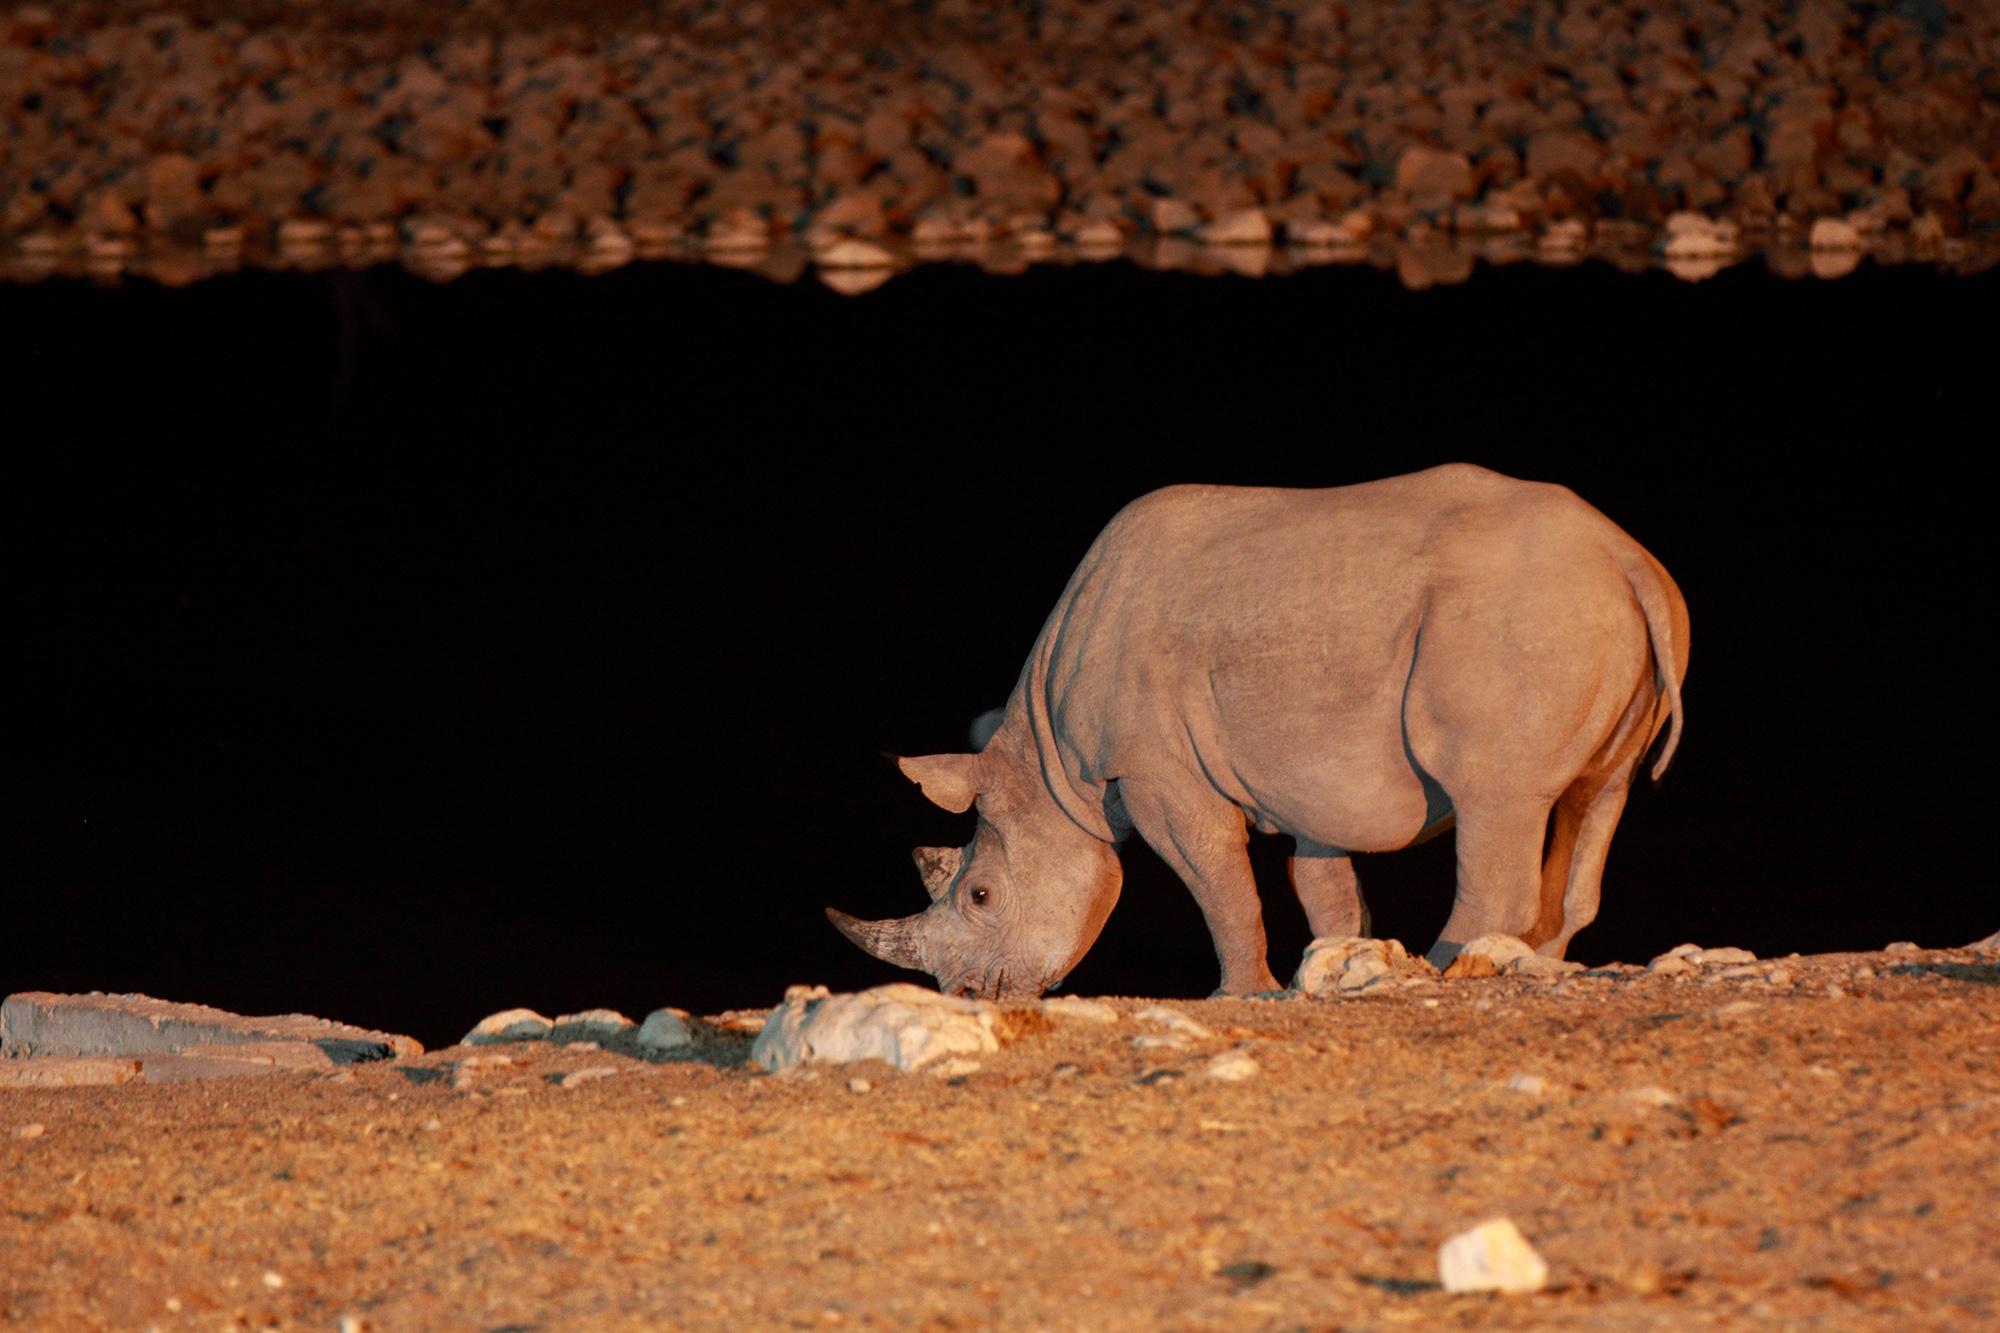 Rhinocéros noir (Diceros bicornis) en Namibie par Guillaume Projetti